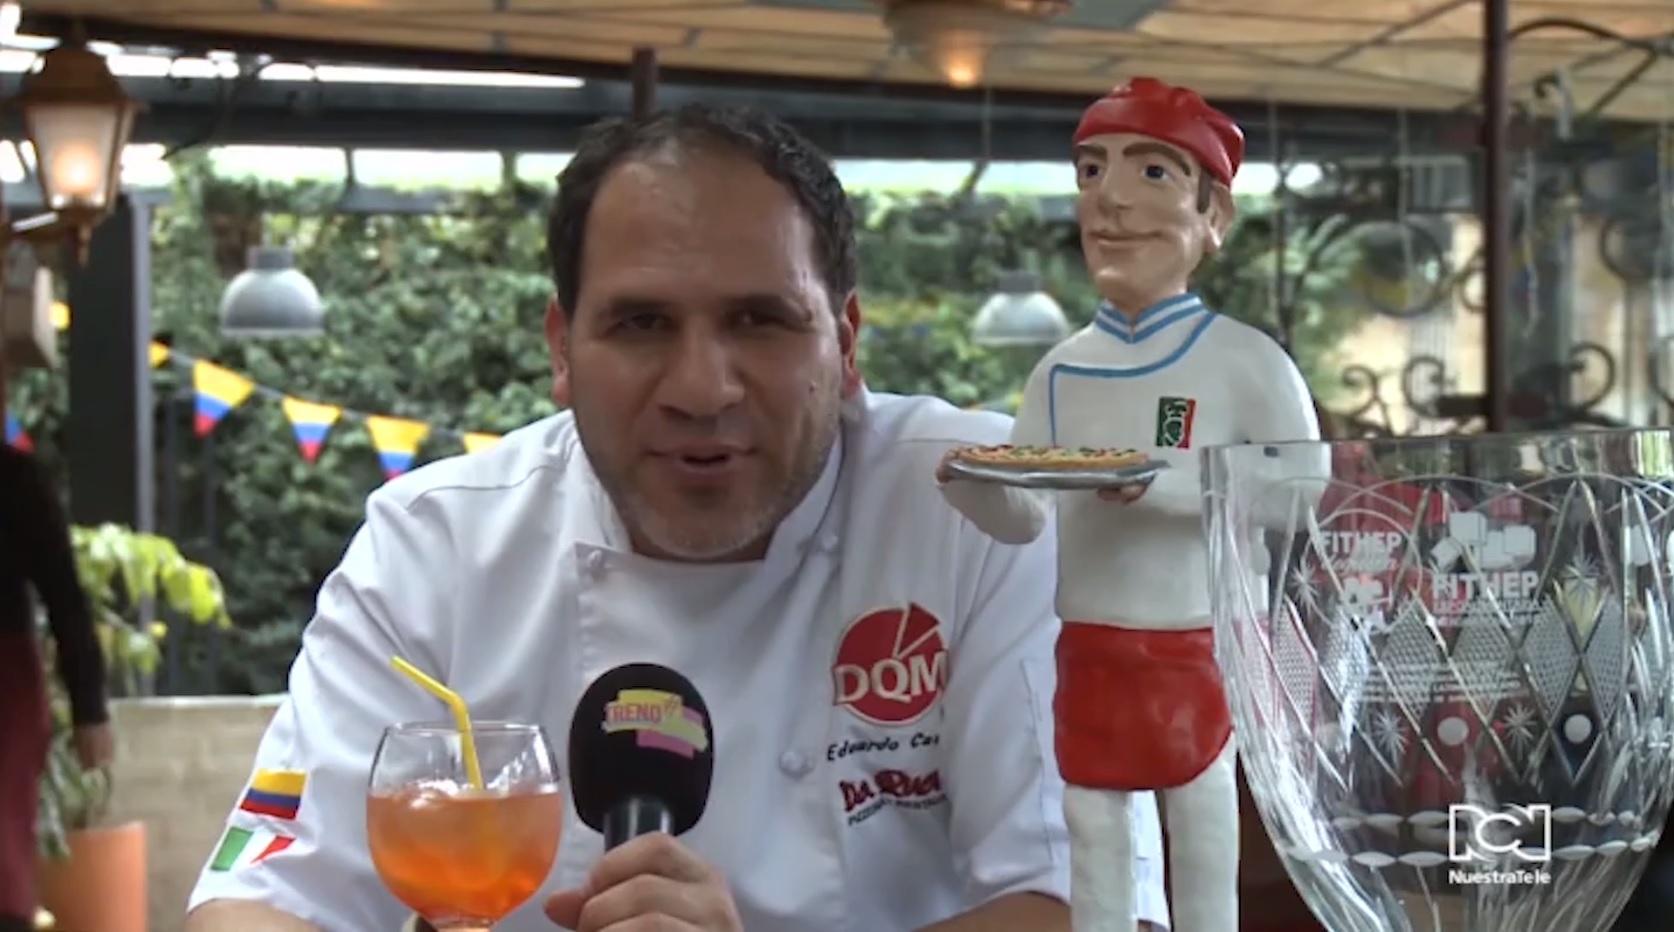 Campeonato Latinoamericano de Pizzas 2019